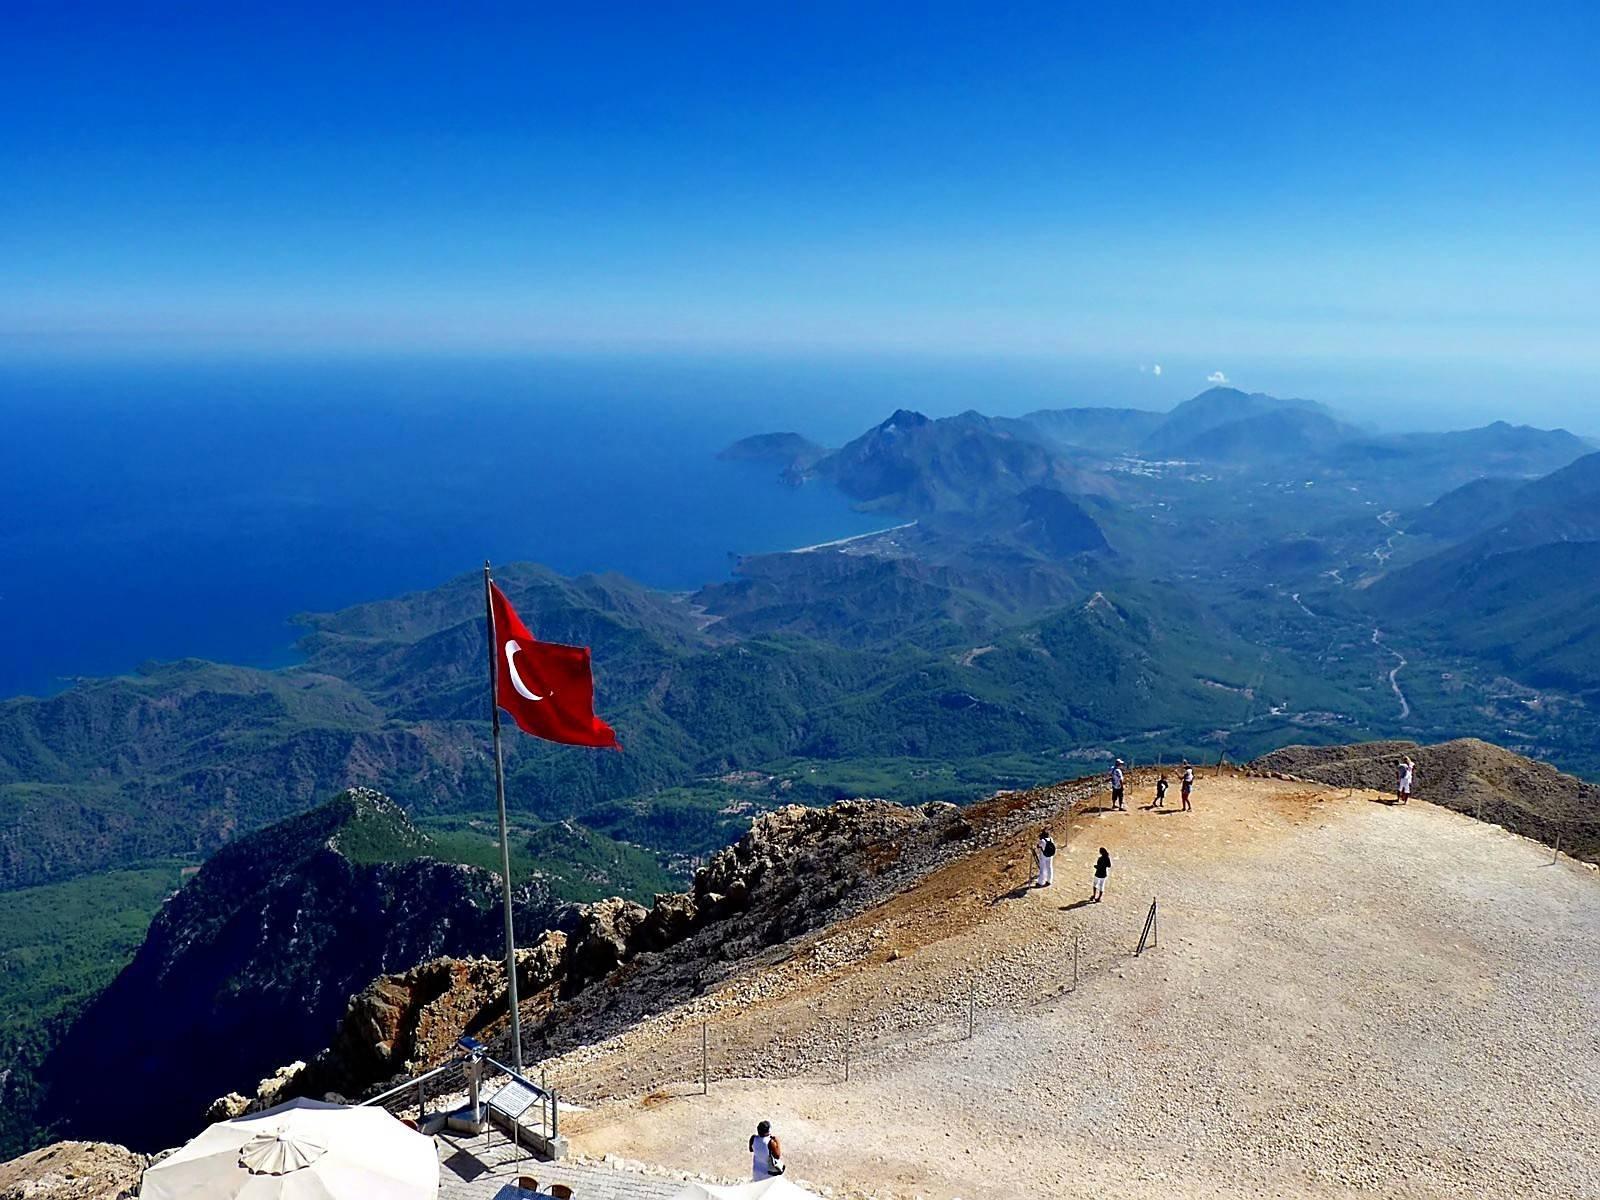 Где отдыхать в Турции в июле 2020, курорты, цены, туры, путевки